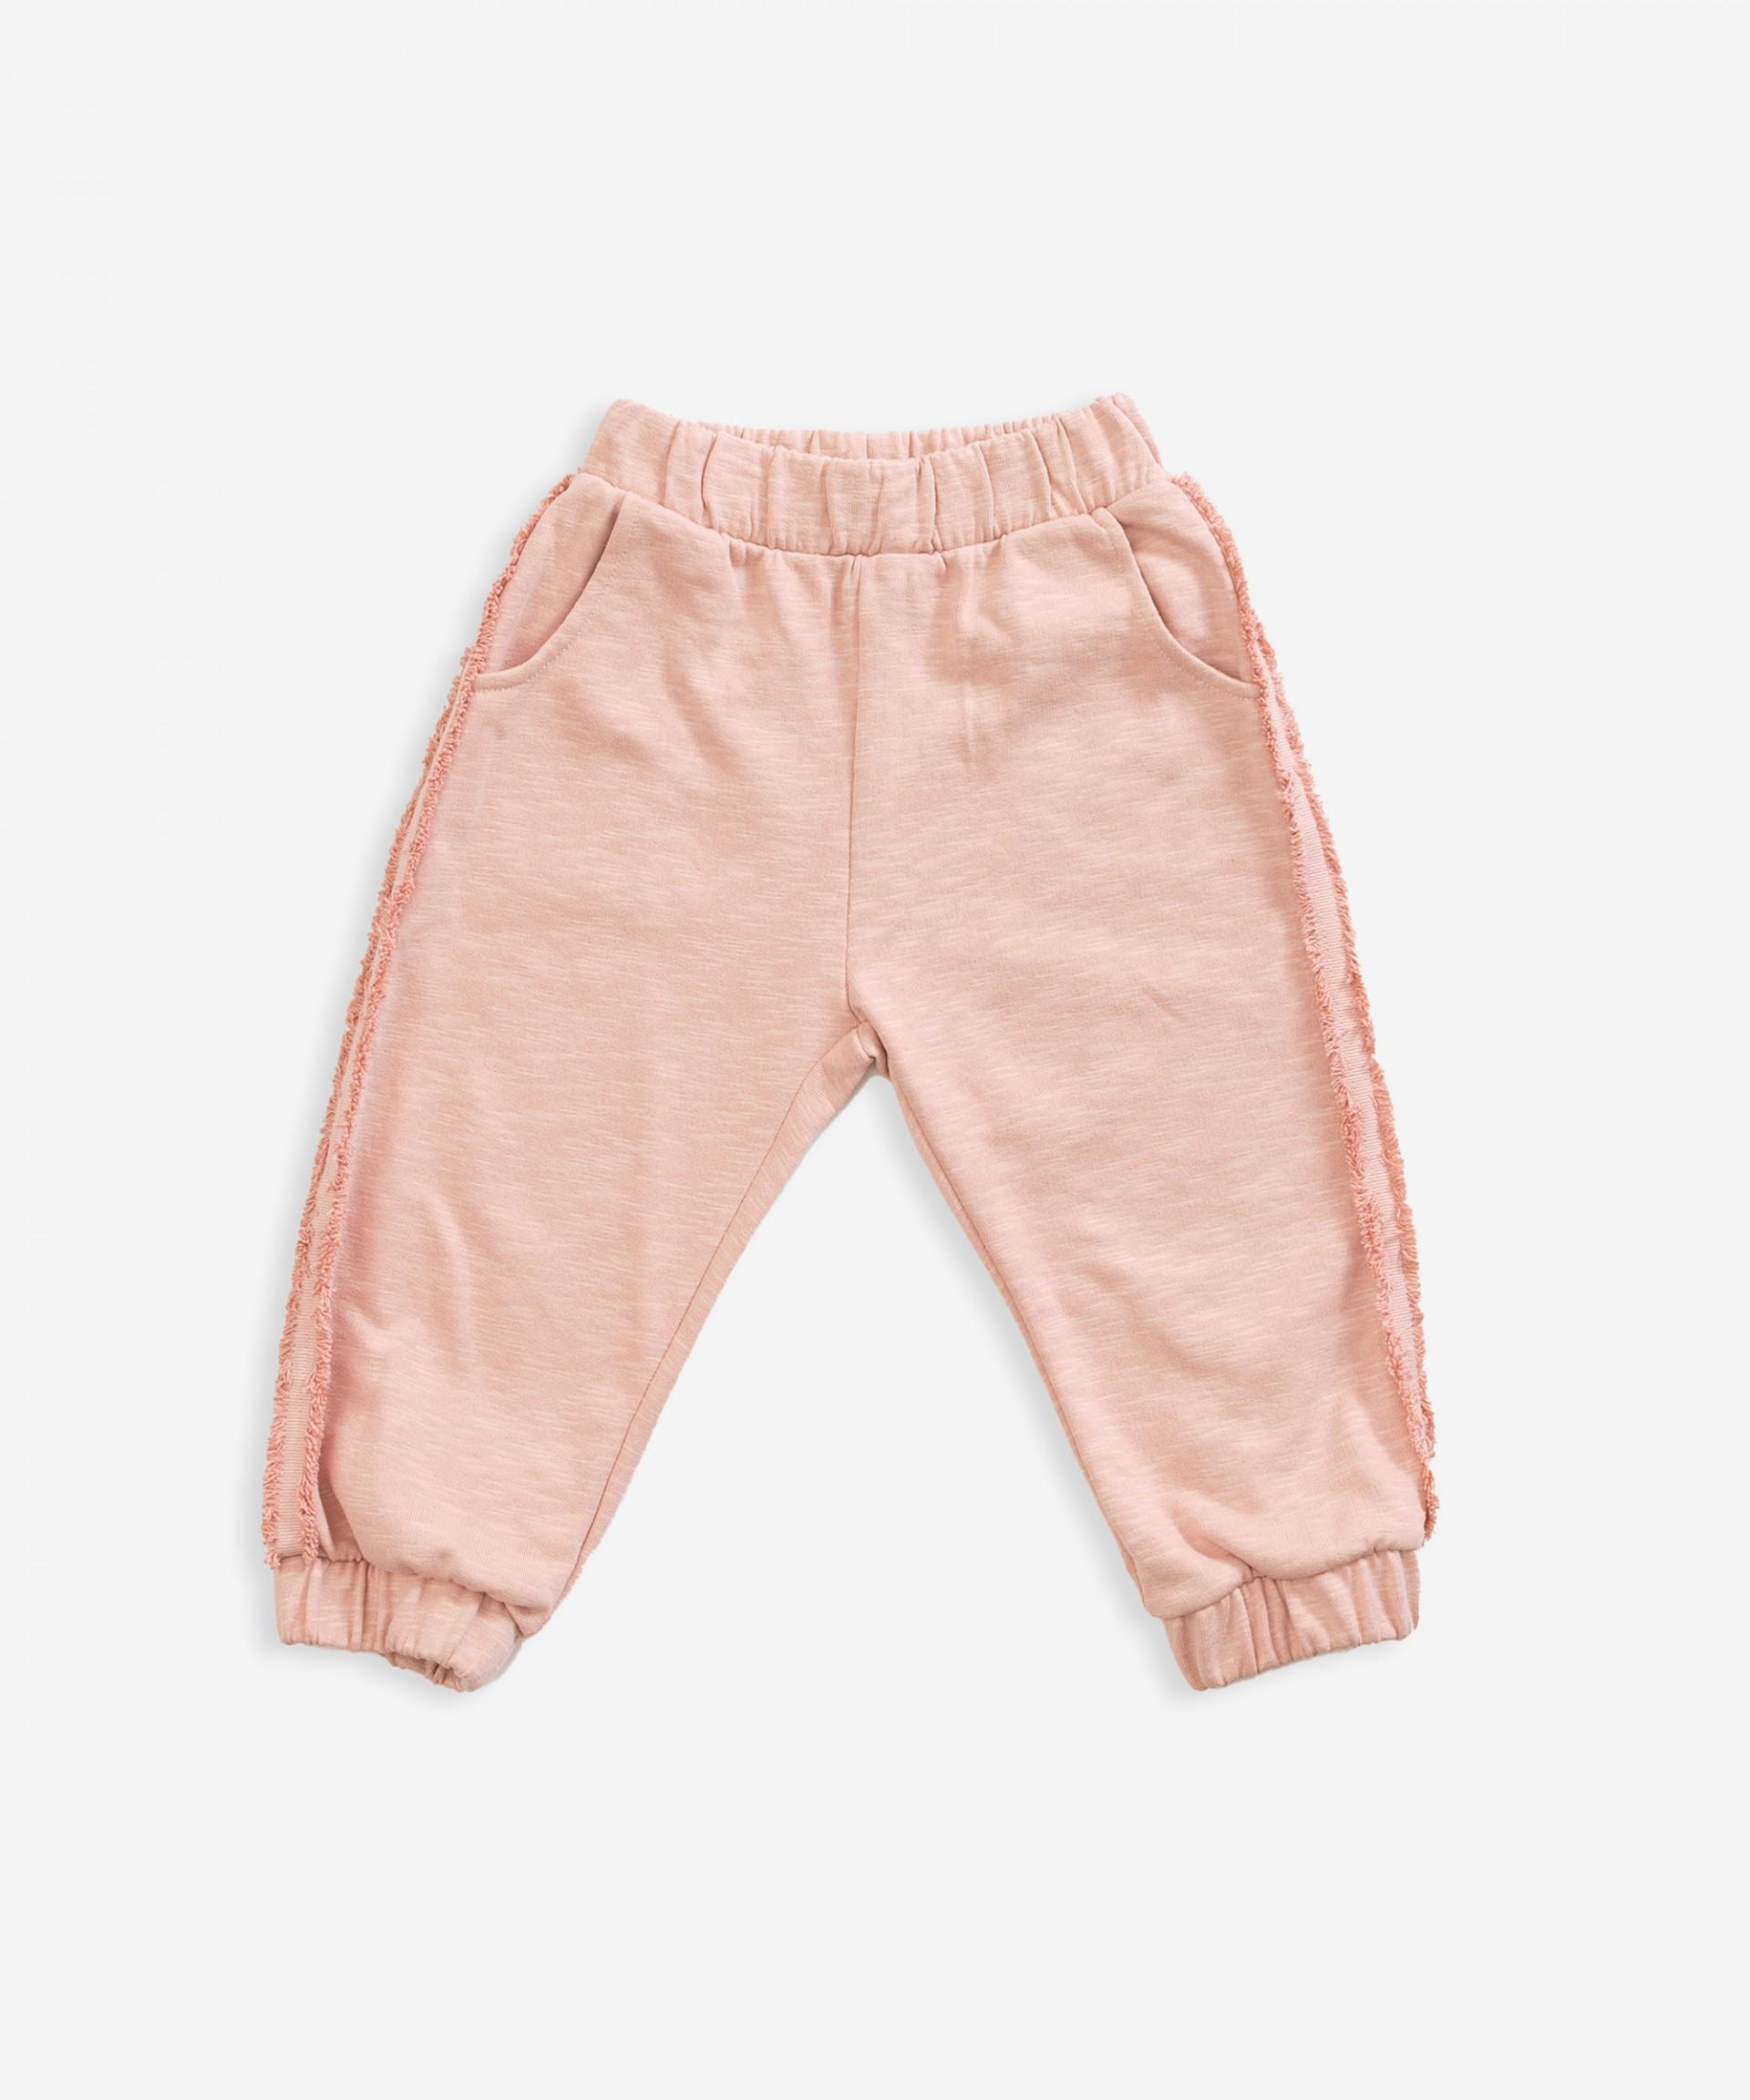 Pantaloni in maglia con tasche | Weaving